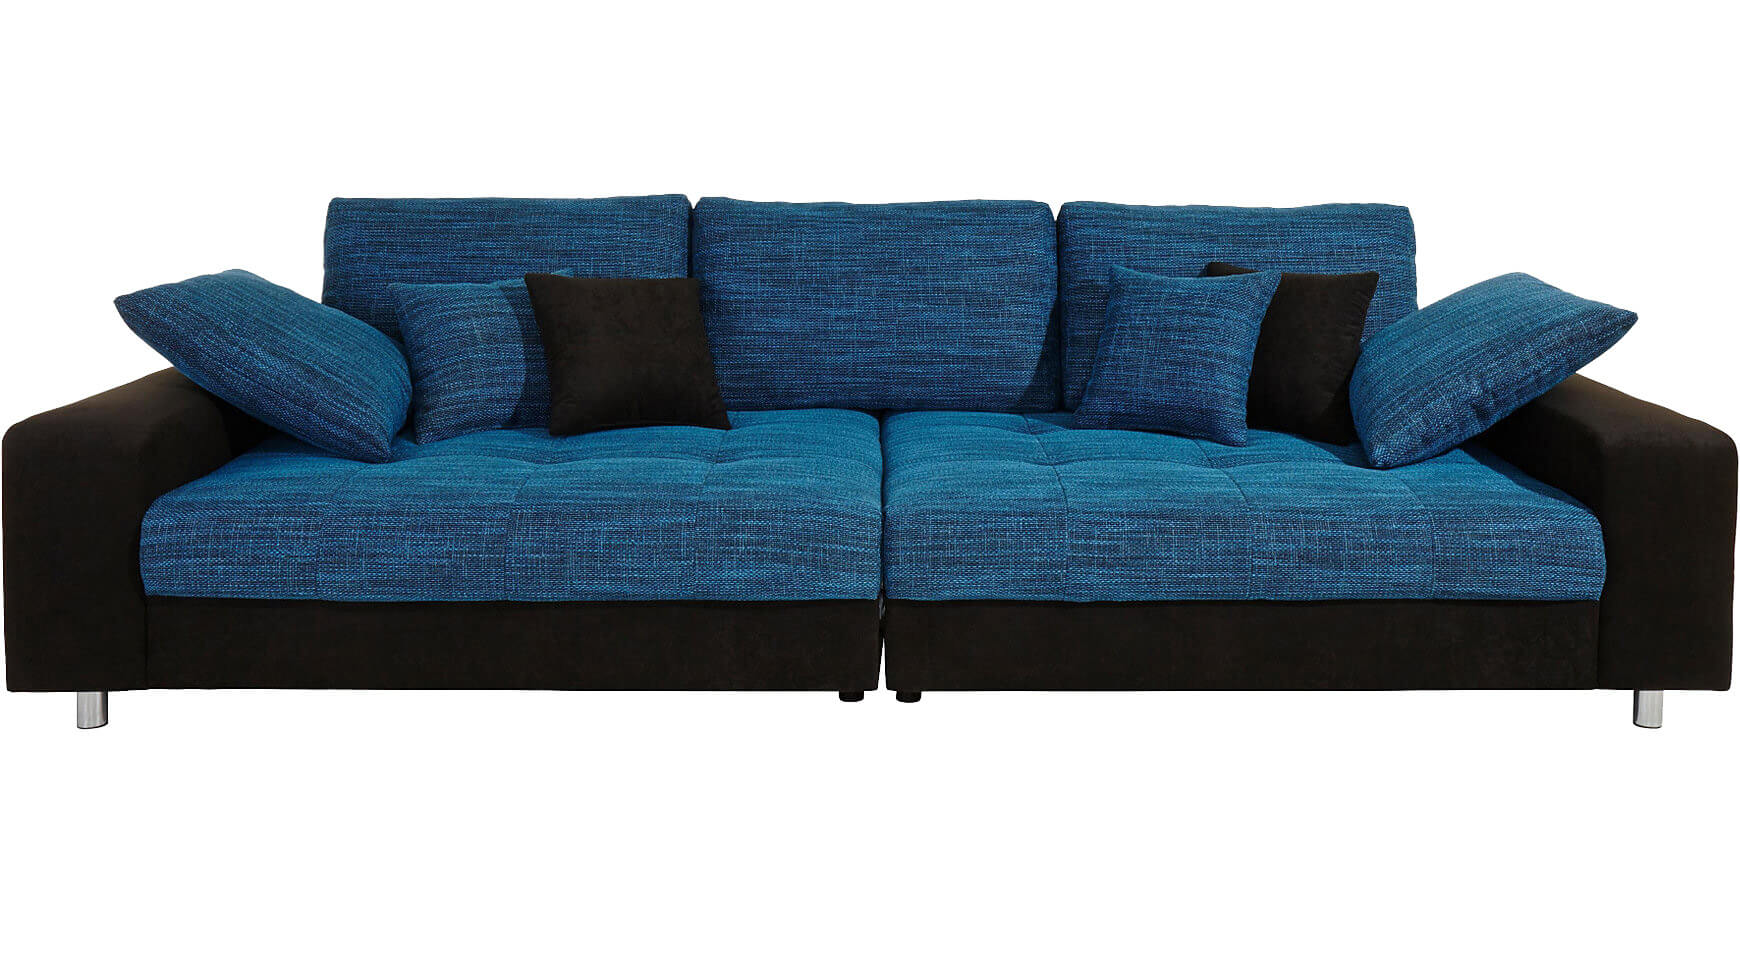 Full Size of Big Sofa Günstig Xxl Couch Extragroe Sofas Bestellen Bei Cnouchde Himolla Kissen Leder Polster Xxxl Weißes Billig Mit Relaxfunktion Kunstleder Muuto Creme Sofa Big Sofa Günstig